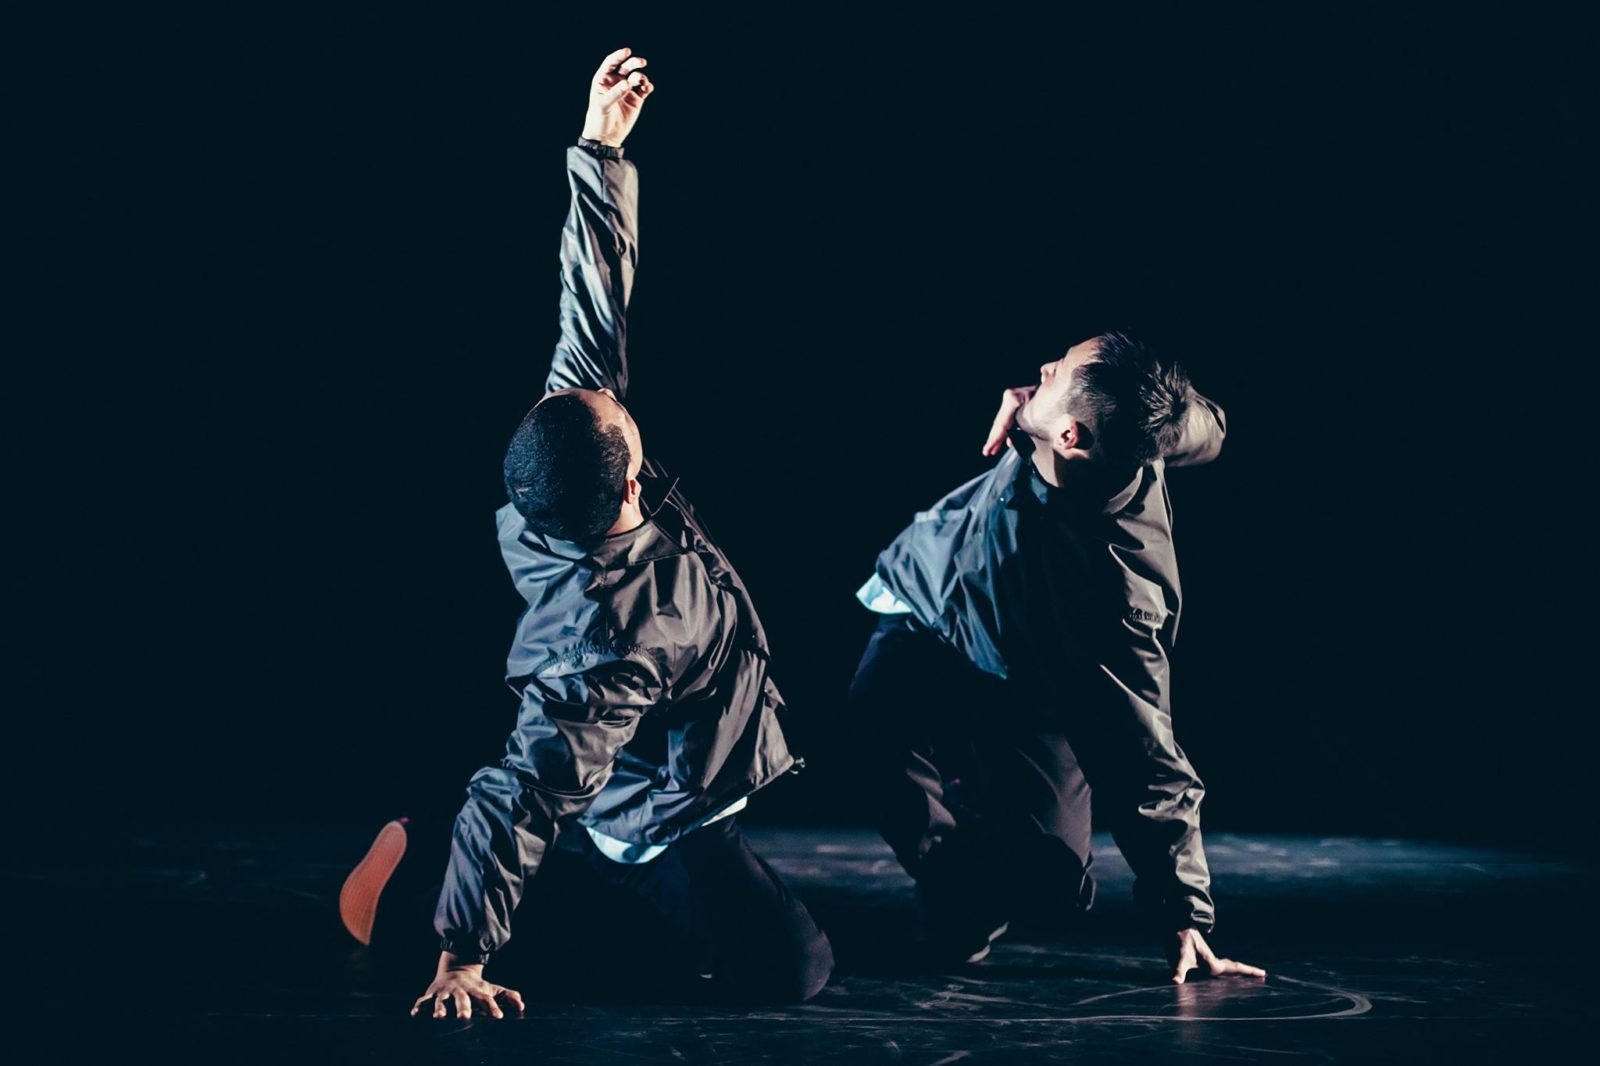 Groove'n'move, duo de danseurs du festival de danse Hip-hop à Genève